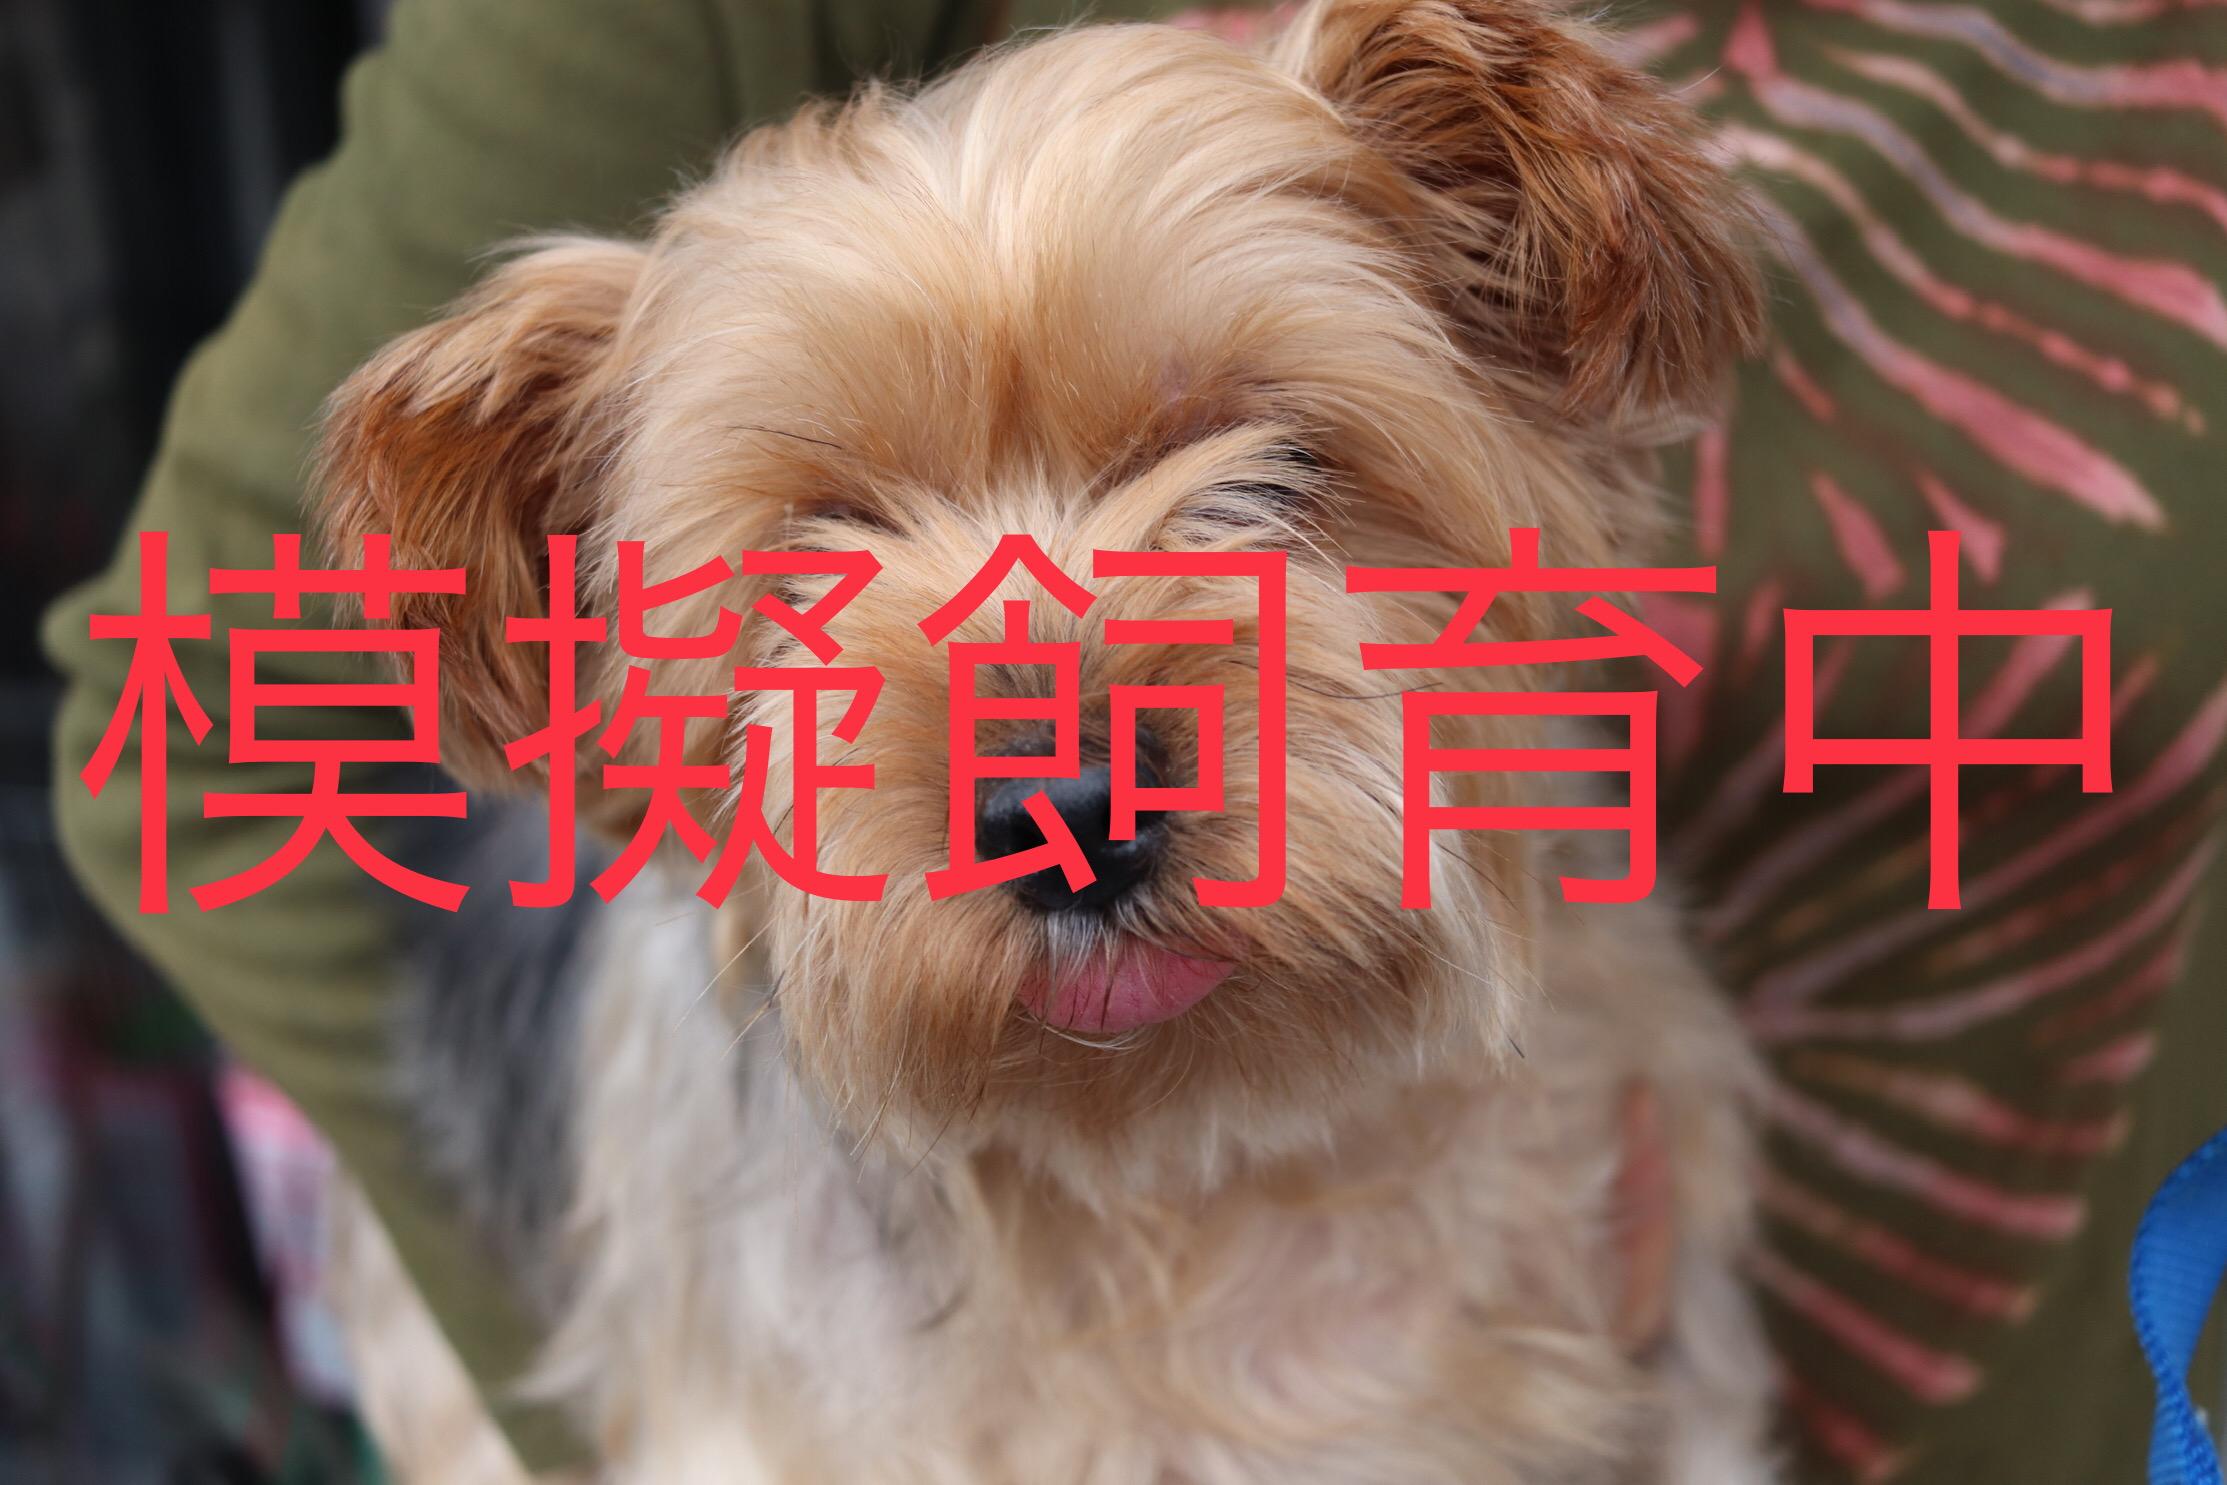 <p>犬種:ヨークシャテリア</p> <ul> <li>性別:女の子</li> <li>名前:ココ</li> <li>年齢:2010年12月22日生まれ</li> <li>保護経緯:家族が病気療養になり飼育困難</li> </ul>